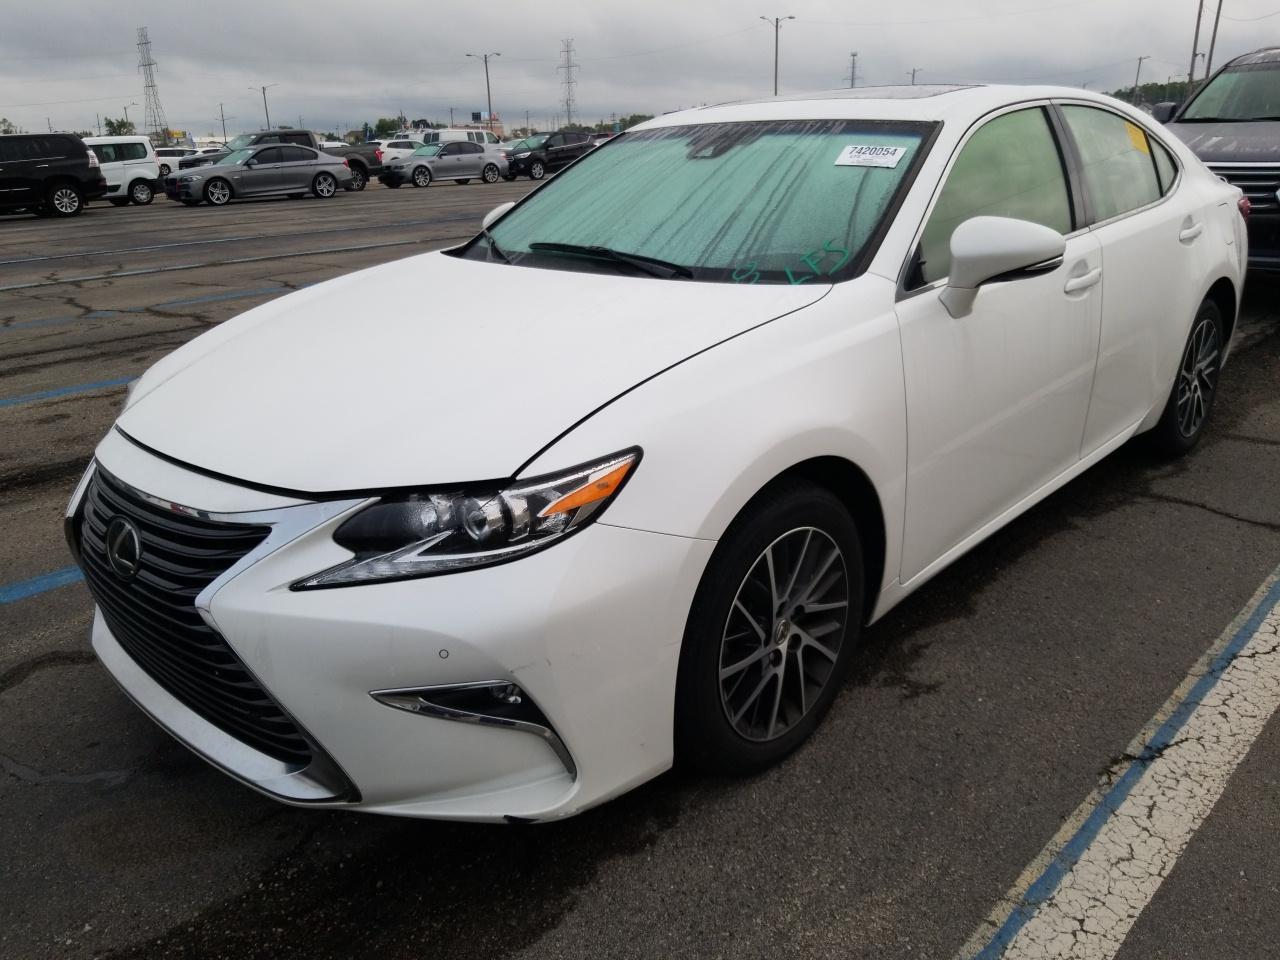 2017 Lexus ES 3.5. Lot 99914687626 Vin JTHBK1GG7H2247090